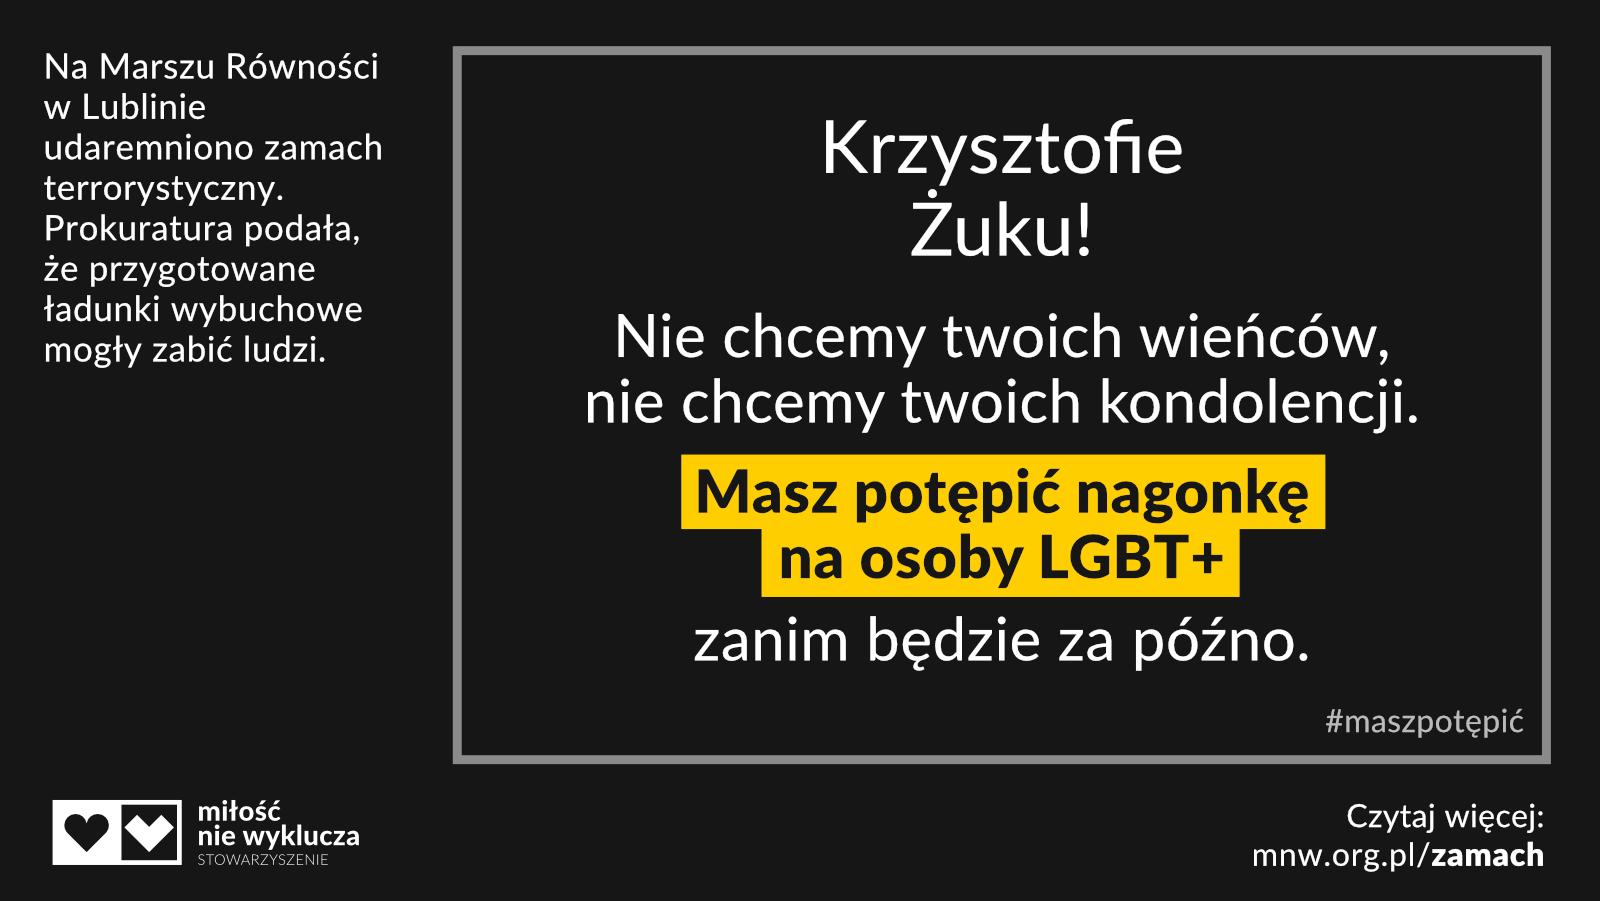 Krzysztof Zuk #maszpotepic zamach LGBT+